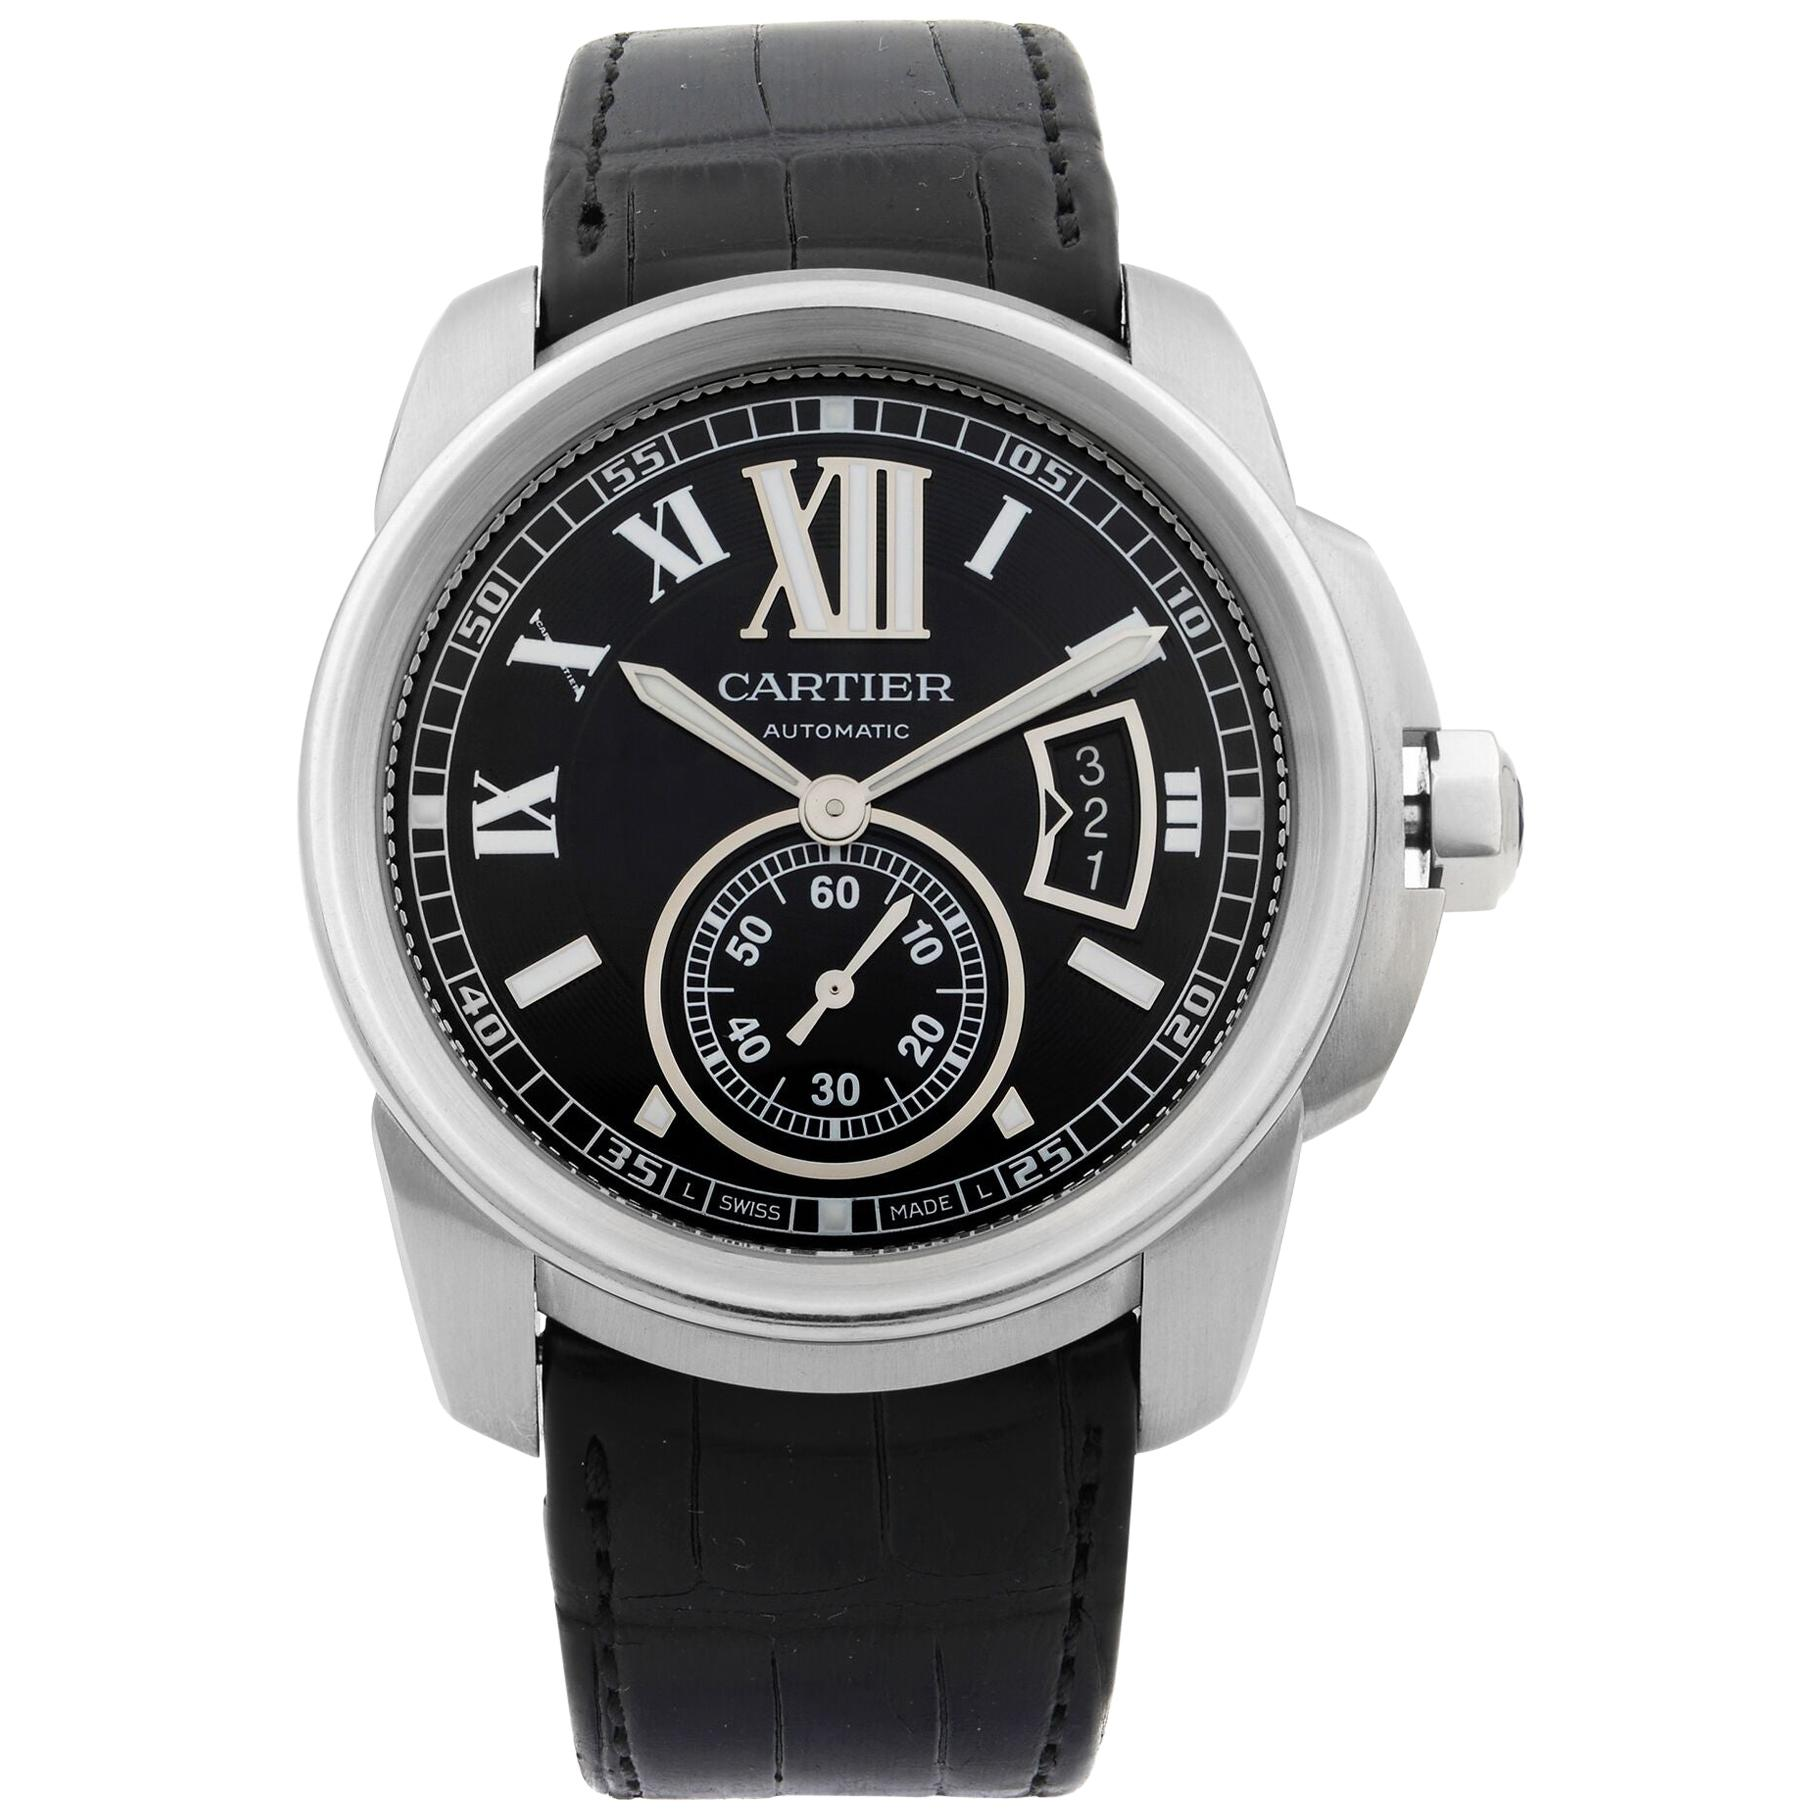 Calibre Watch